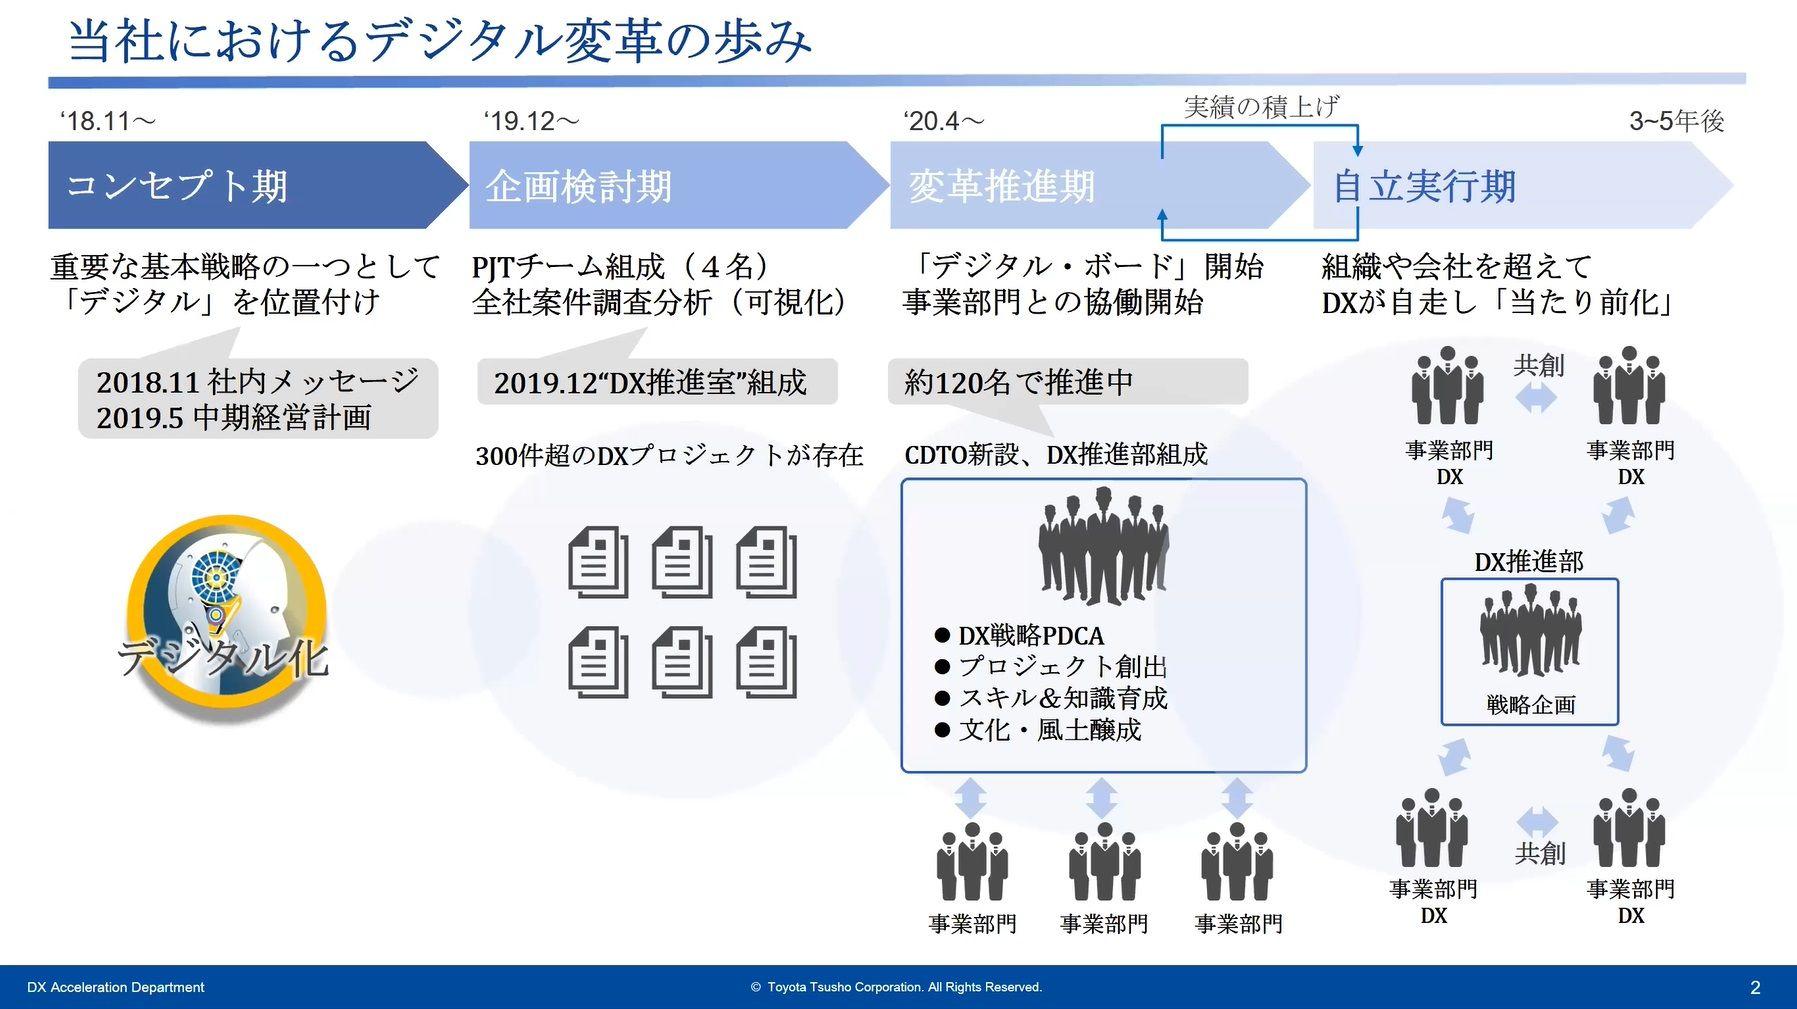 組織横断でDXを推進する豊田通商の事例から学ぶデジタル変革の取り組み ...